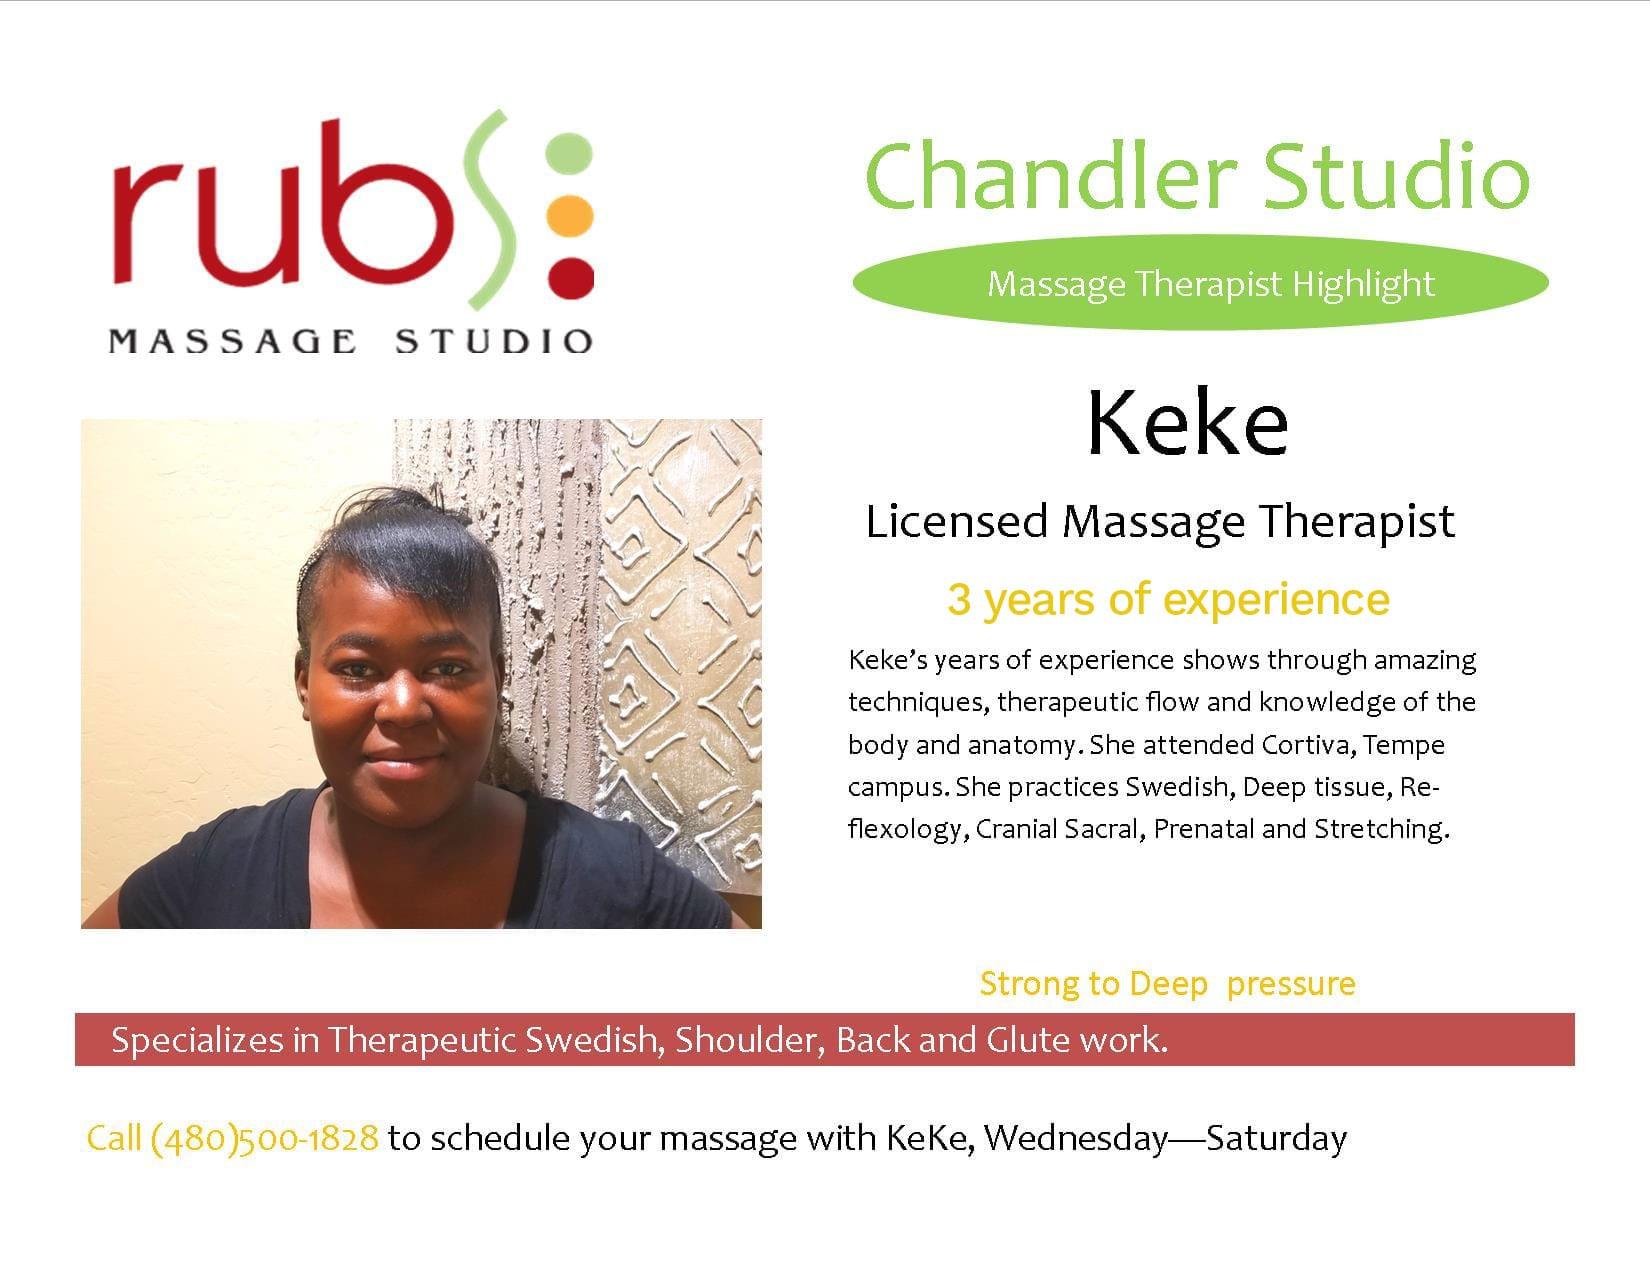 massage chandler therapist - keke